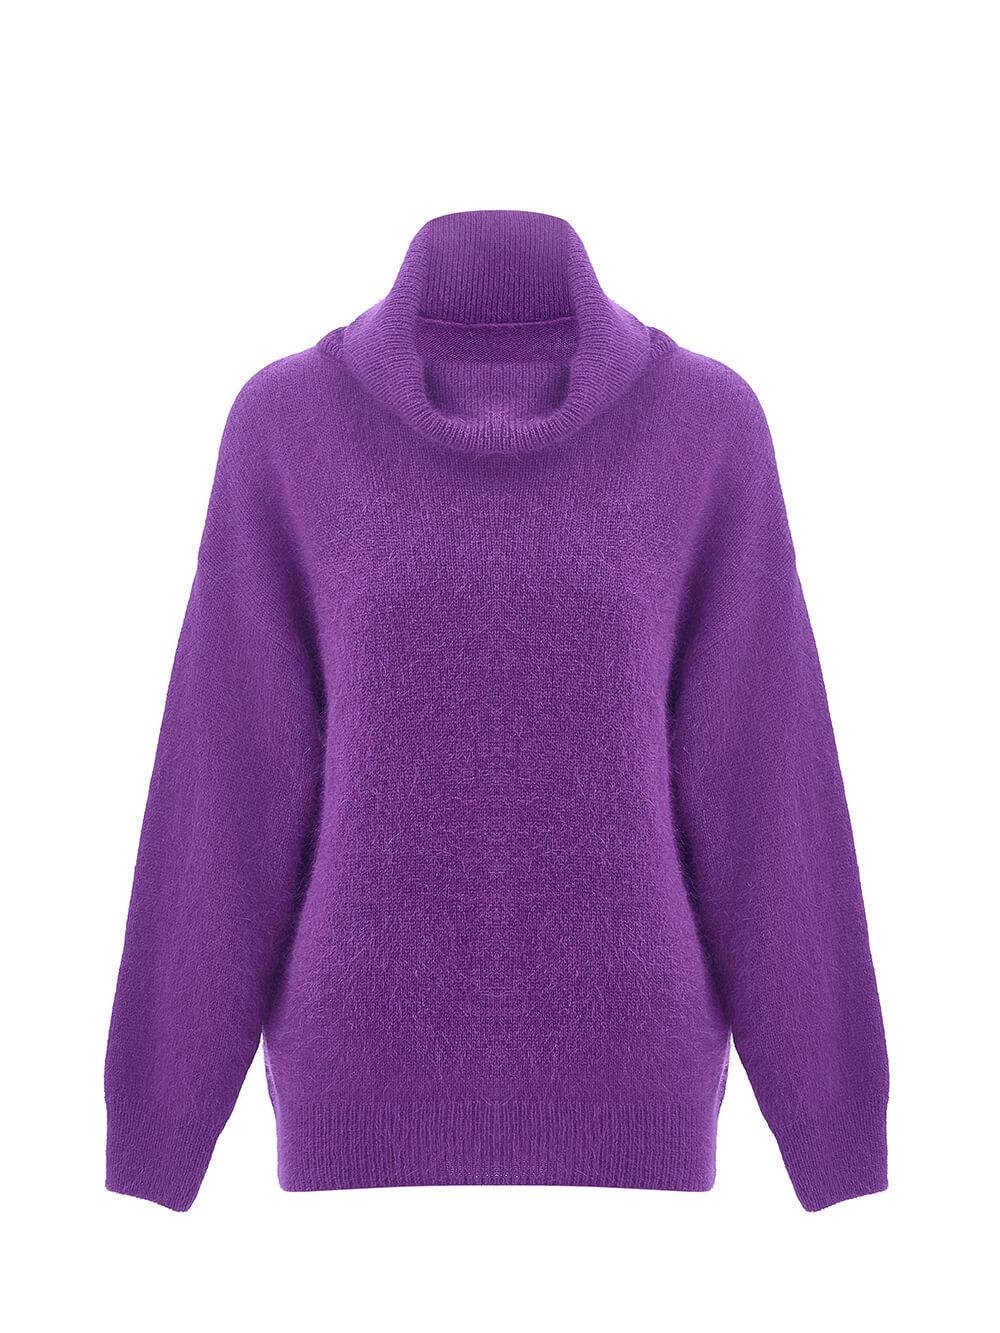 Женский свитер фиолетового цвета из ангоры - фото 1